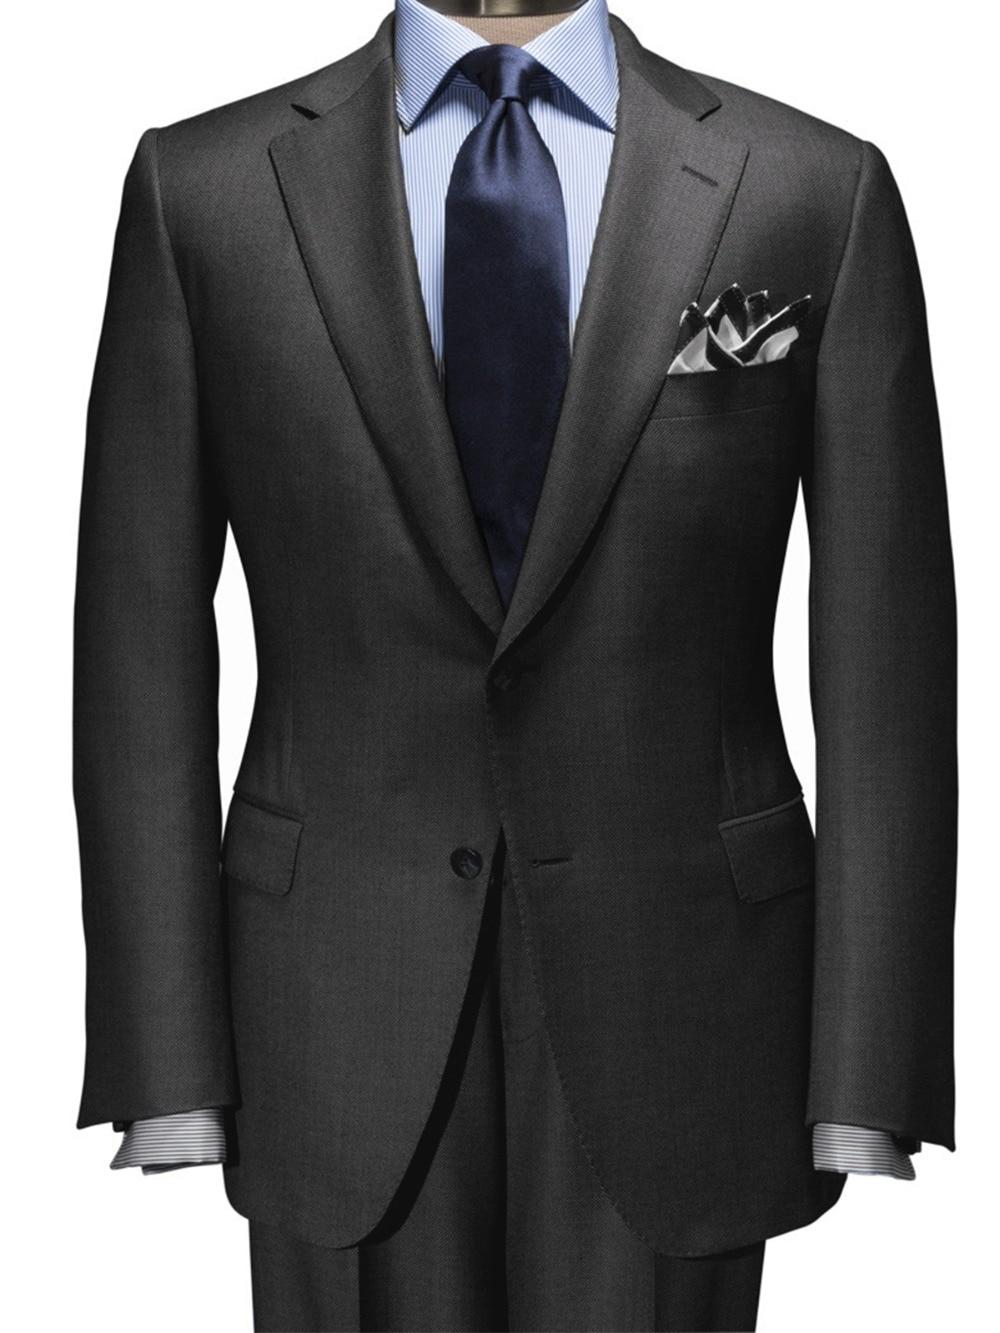 Traje de Nailhead gris oscuro 2019 es un traje moderno esencial para el desgaste de todo el año hecho A medida Slim Fit hombres trajes trajes de negocios de ventas-in Trajes from Ropa de hombre    1